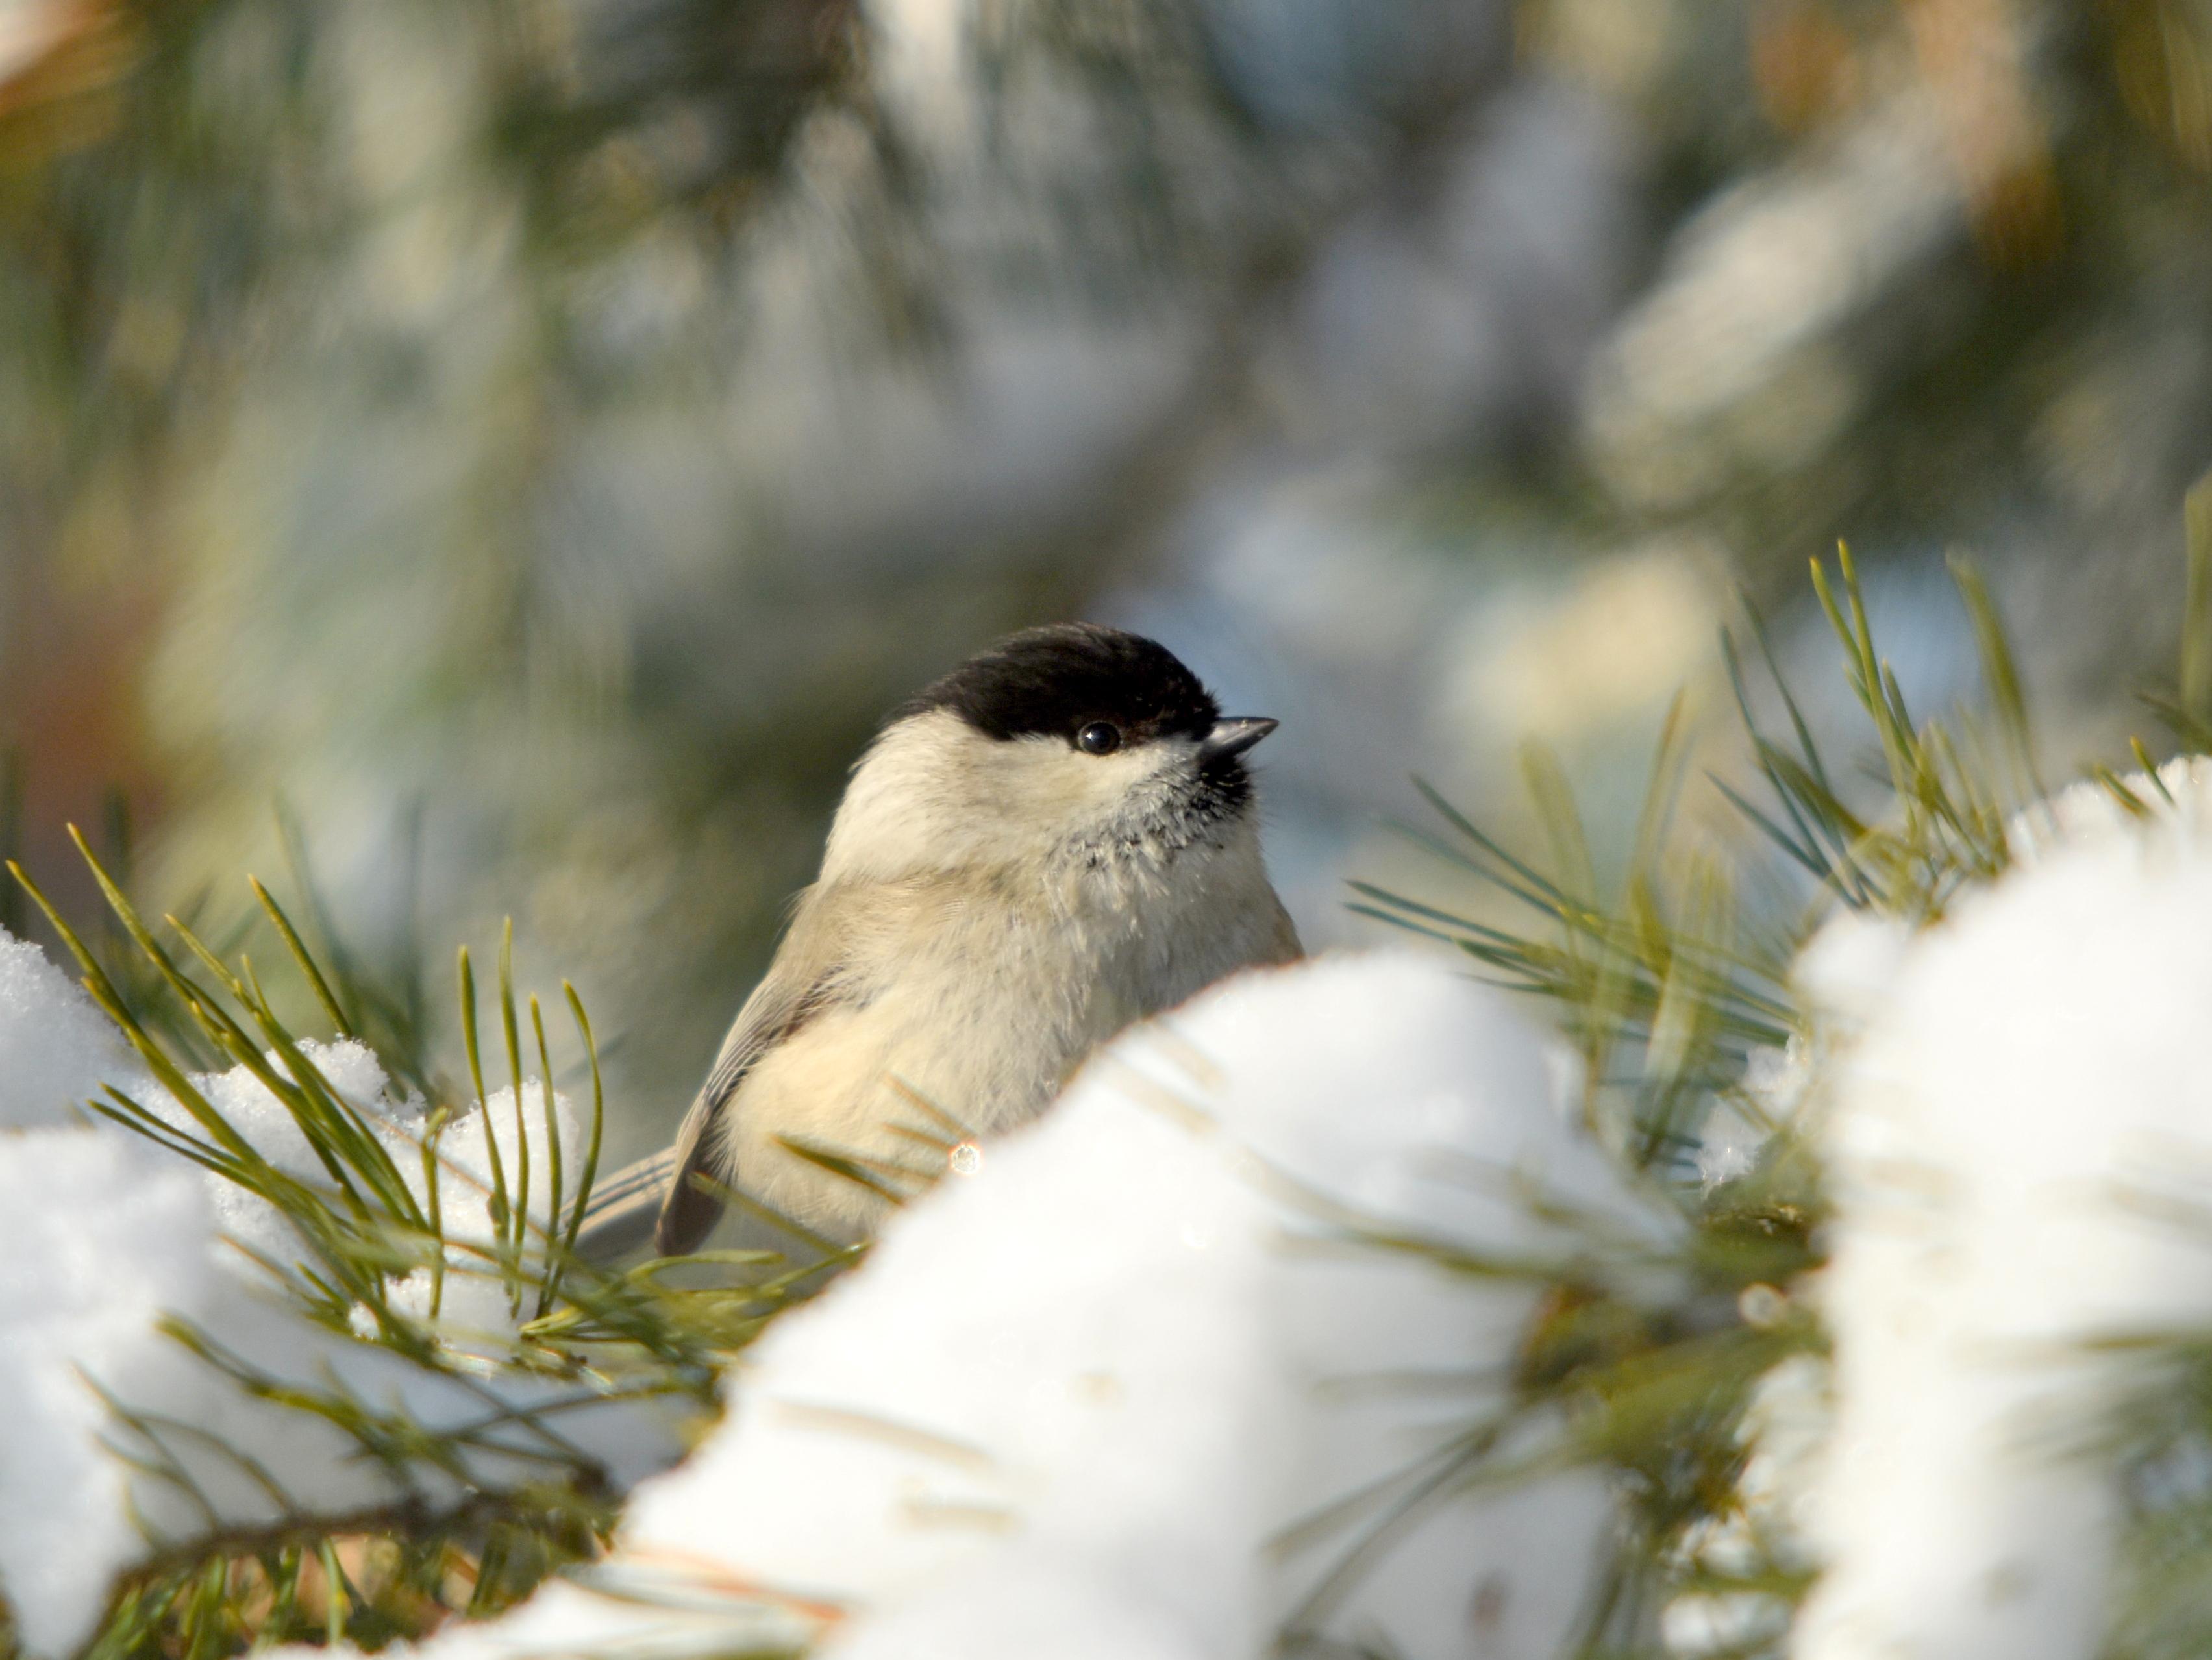 Фото Птичка на заснеженной ветке, фотограф Наталья Неверова